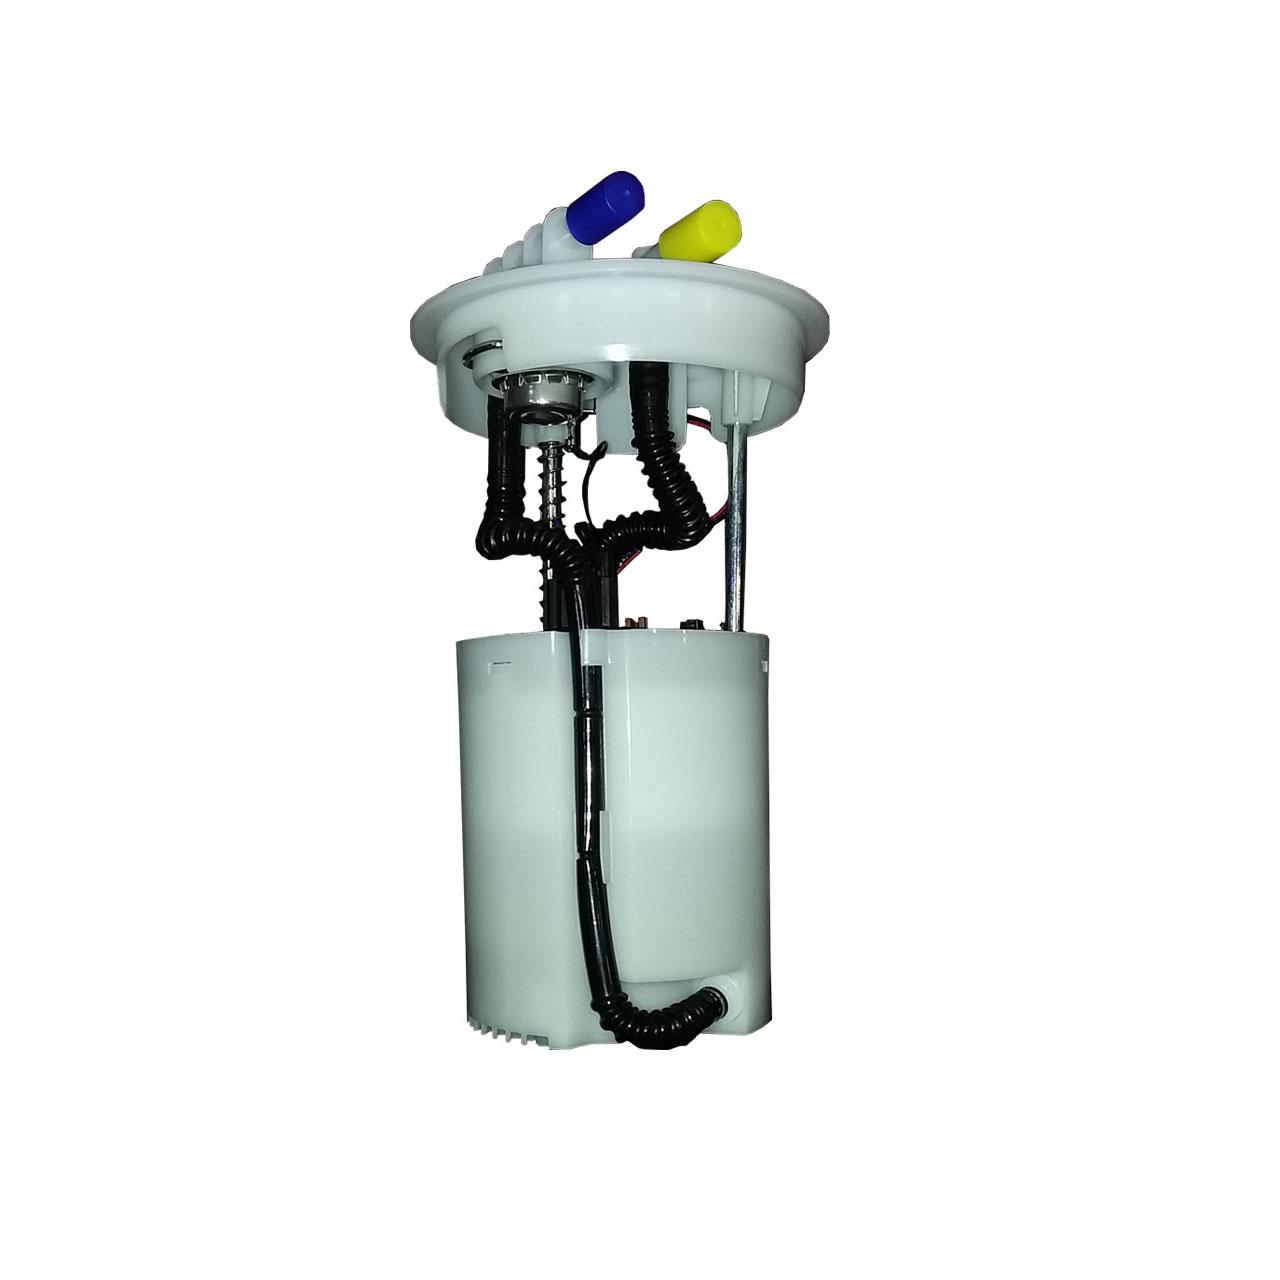 پمپ بنزین مدل S1123100 مناسب برای جک J5